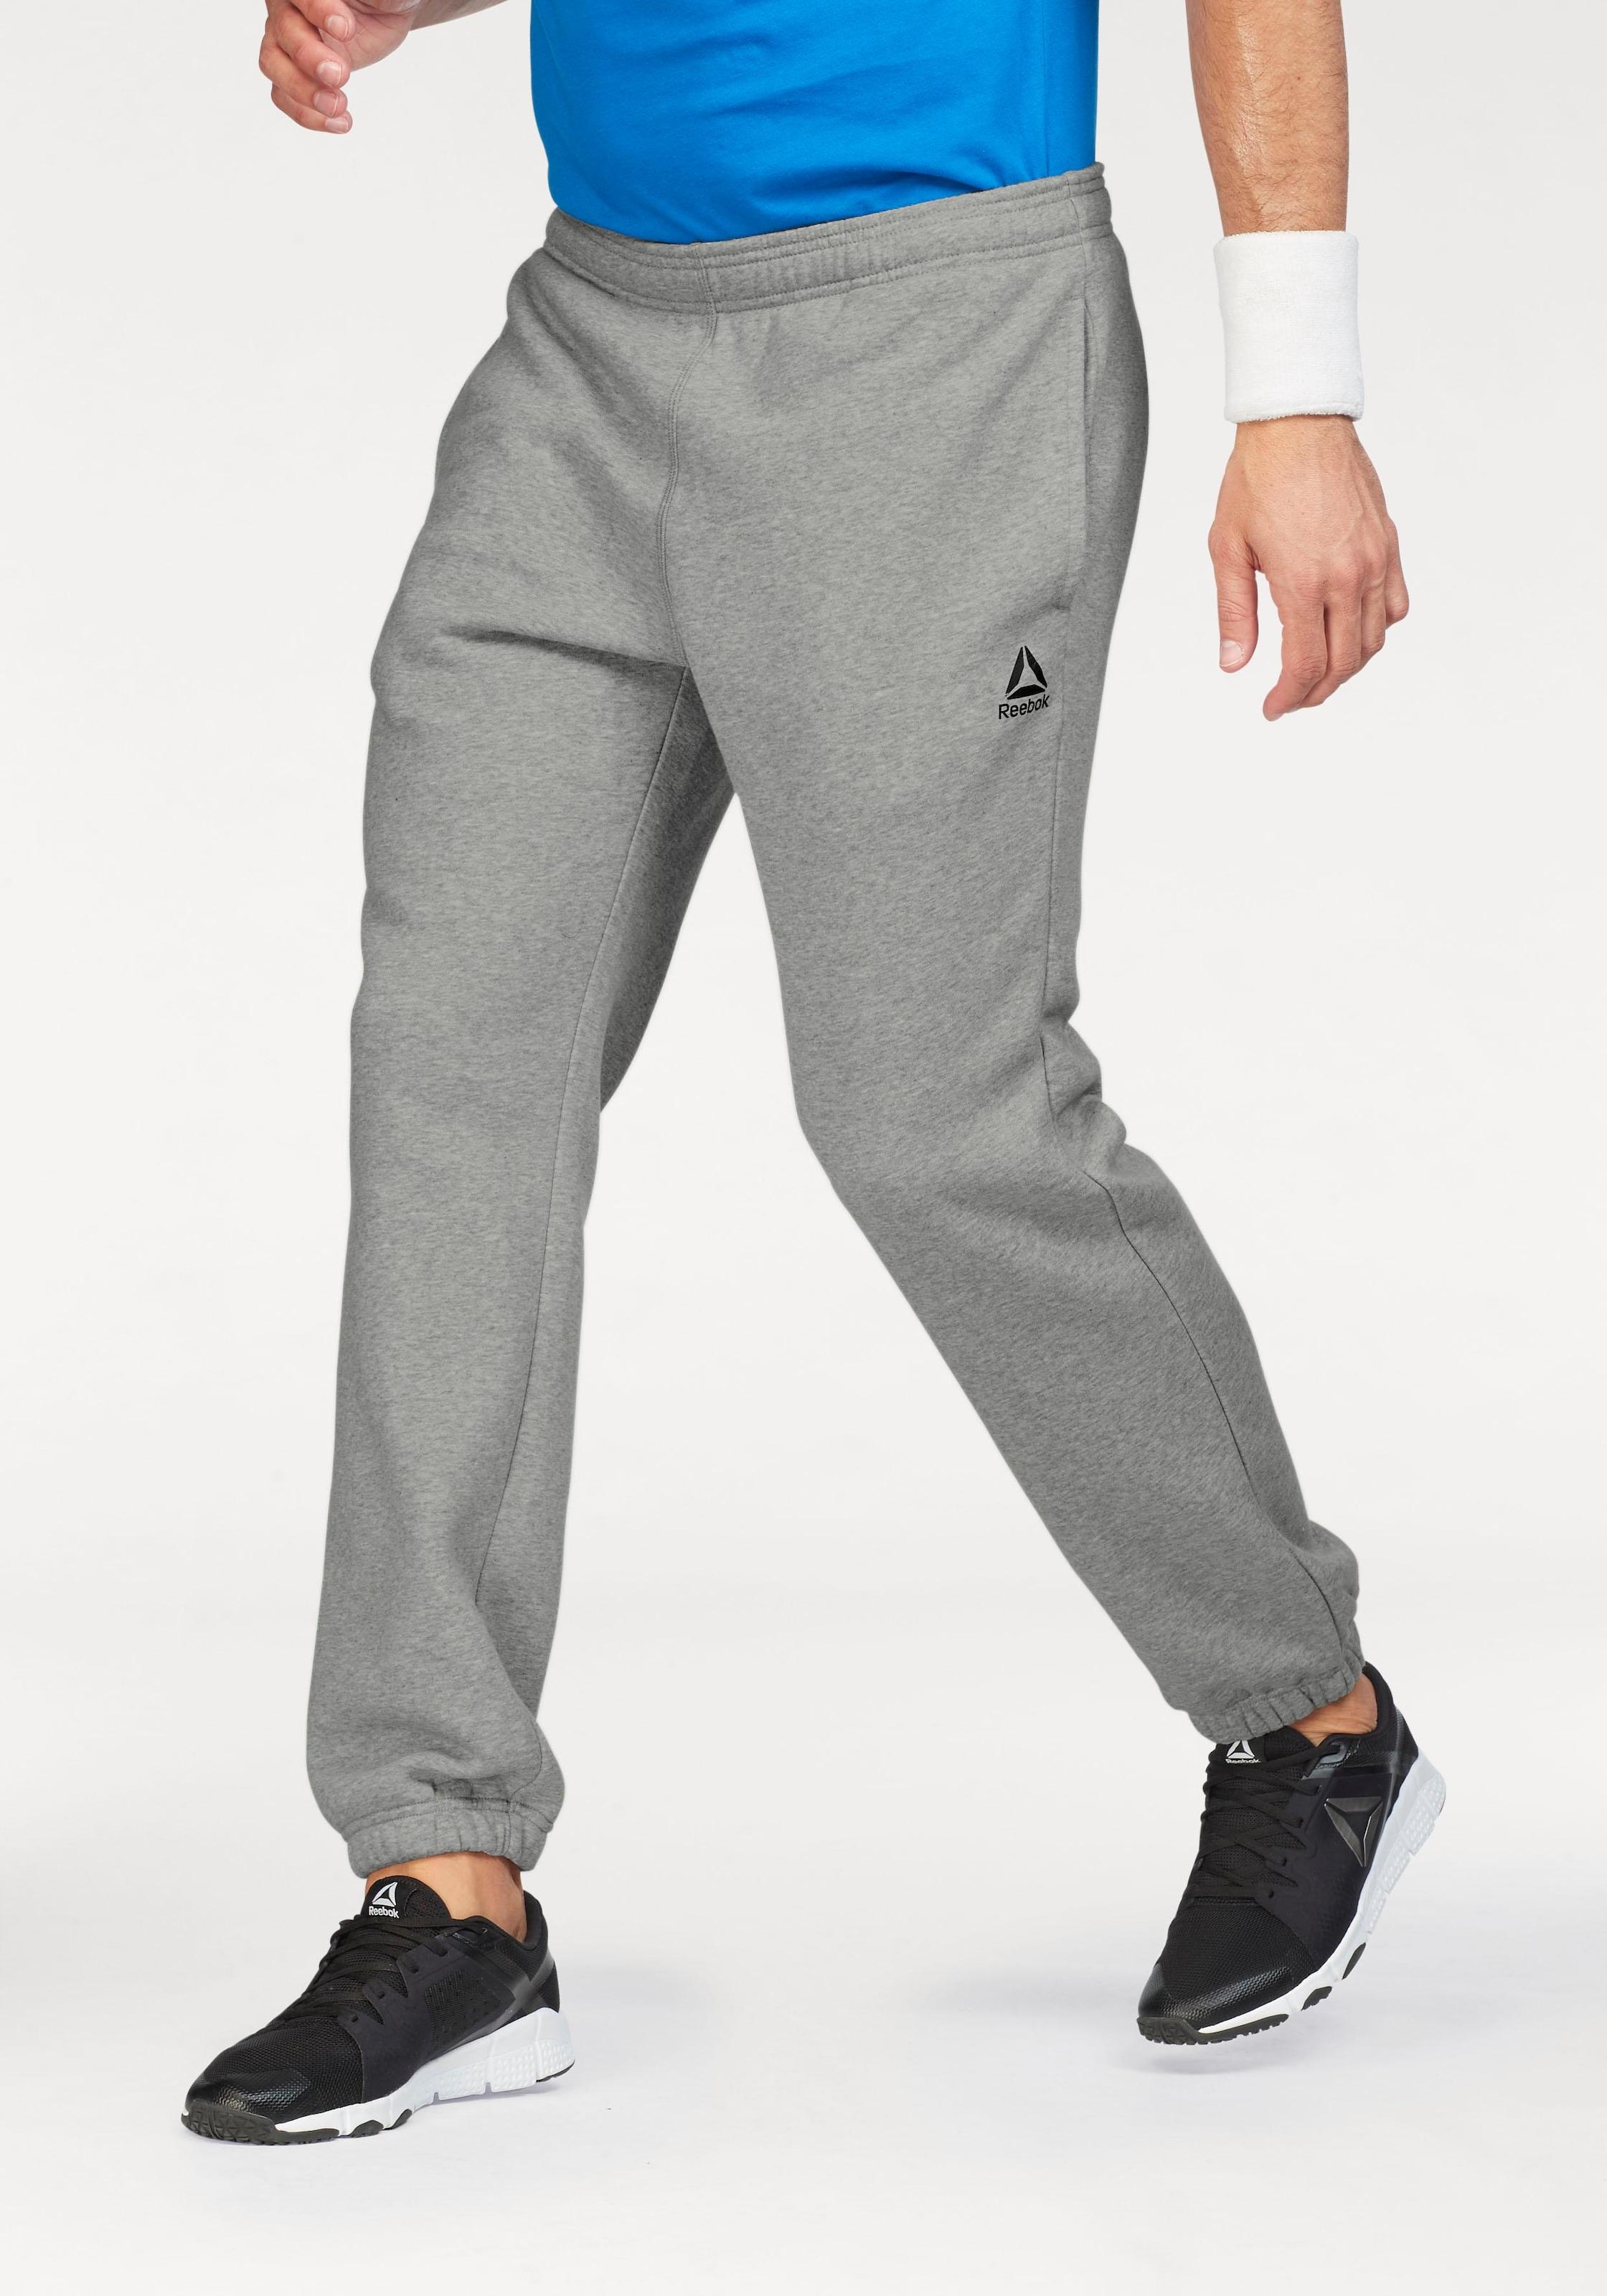 Suchergebnis auf für: reebok jogginghose herren